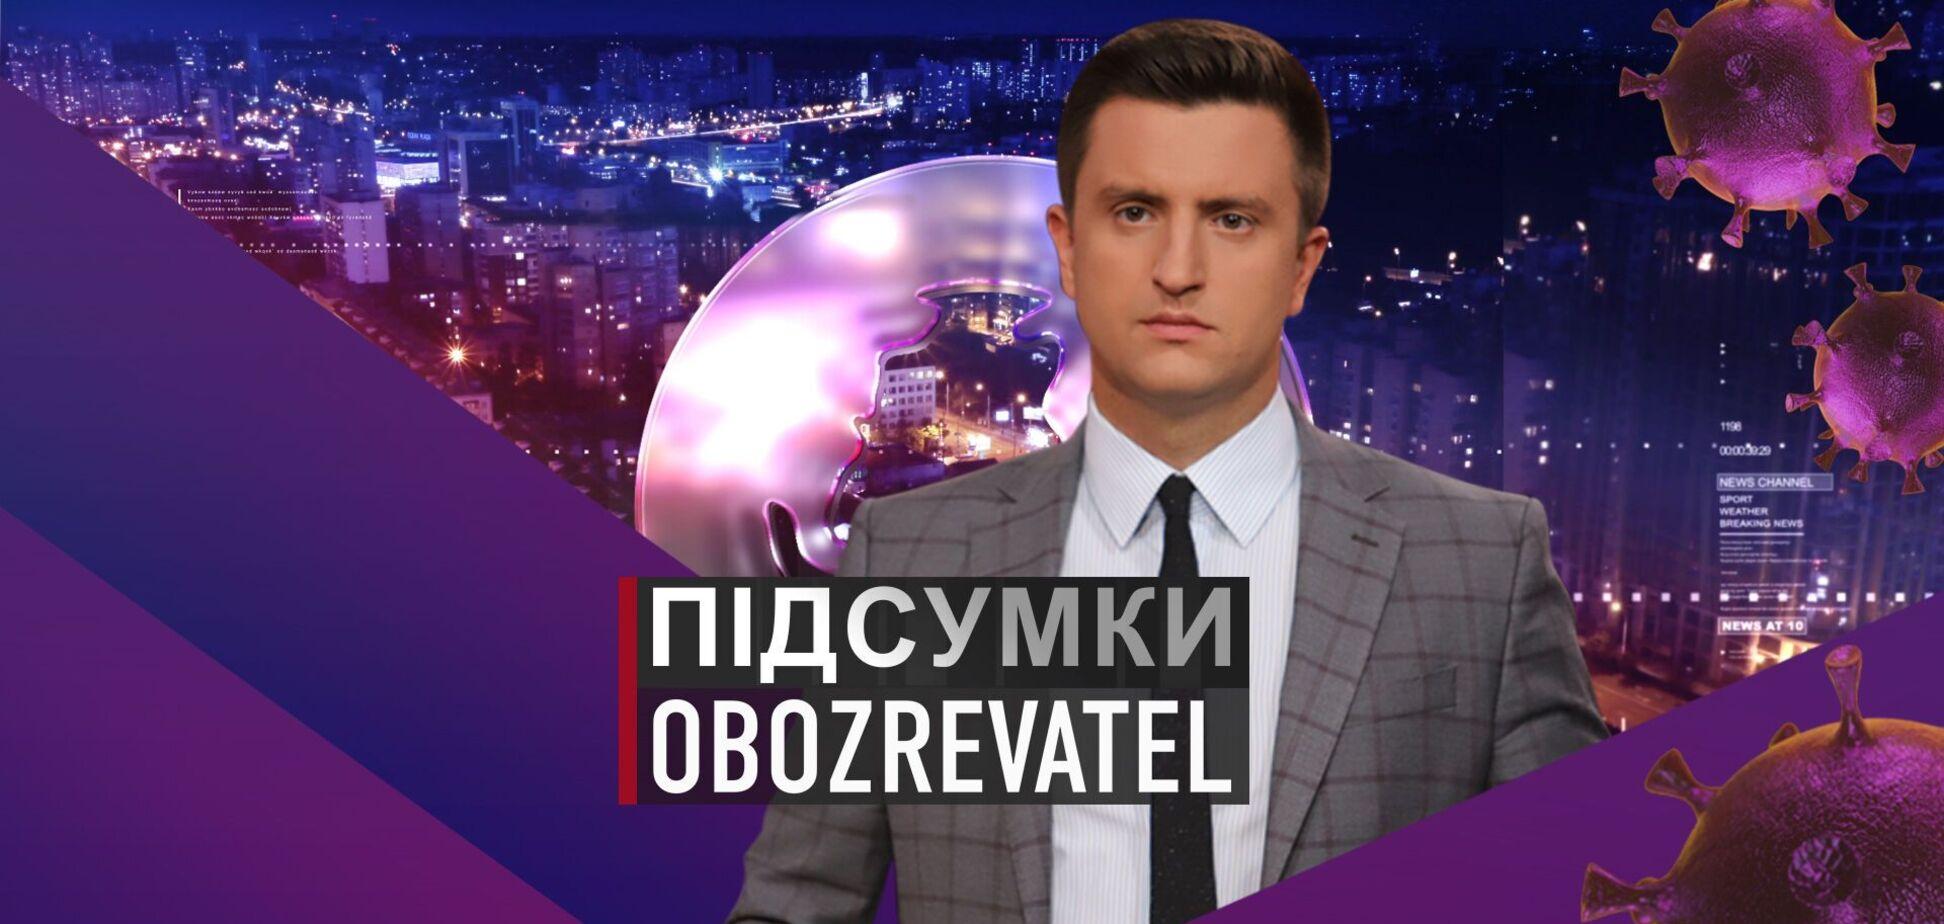 Підсумки с Вадимом Колодийчуком. Пятница, 11 июня